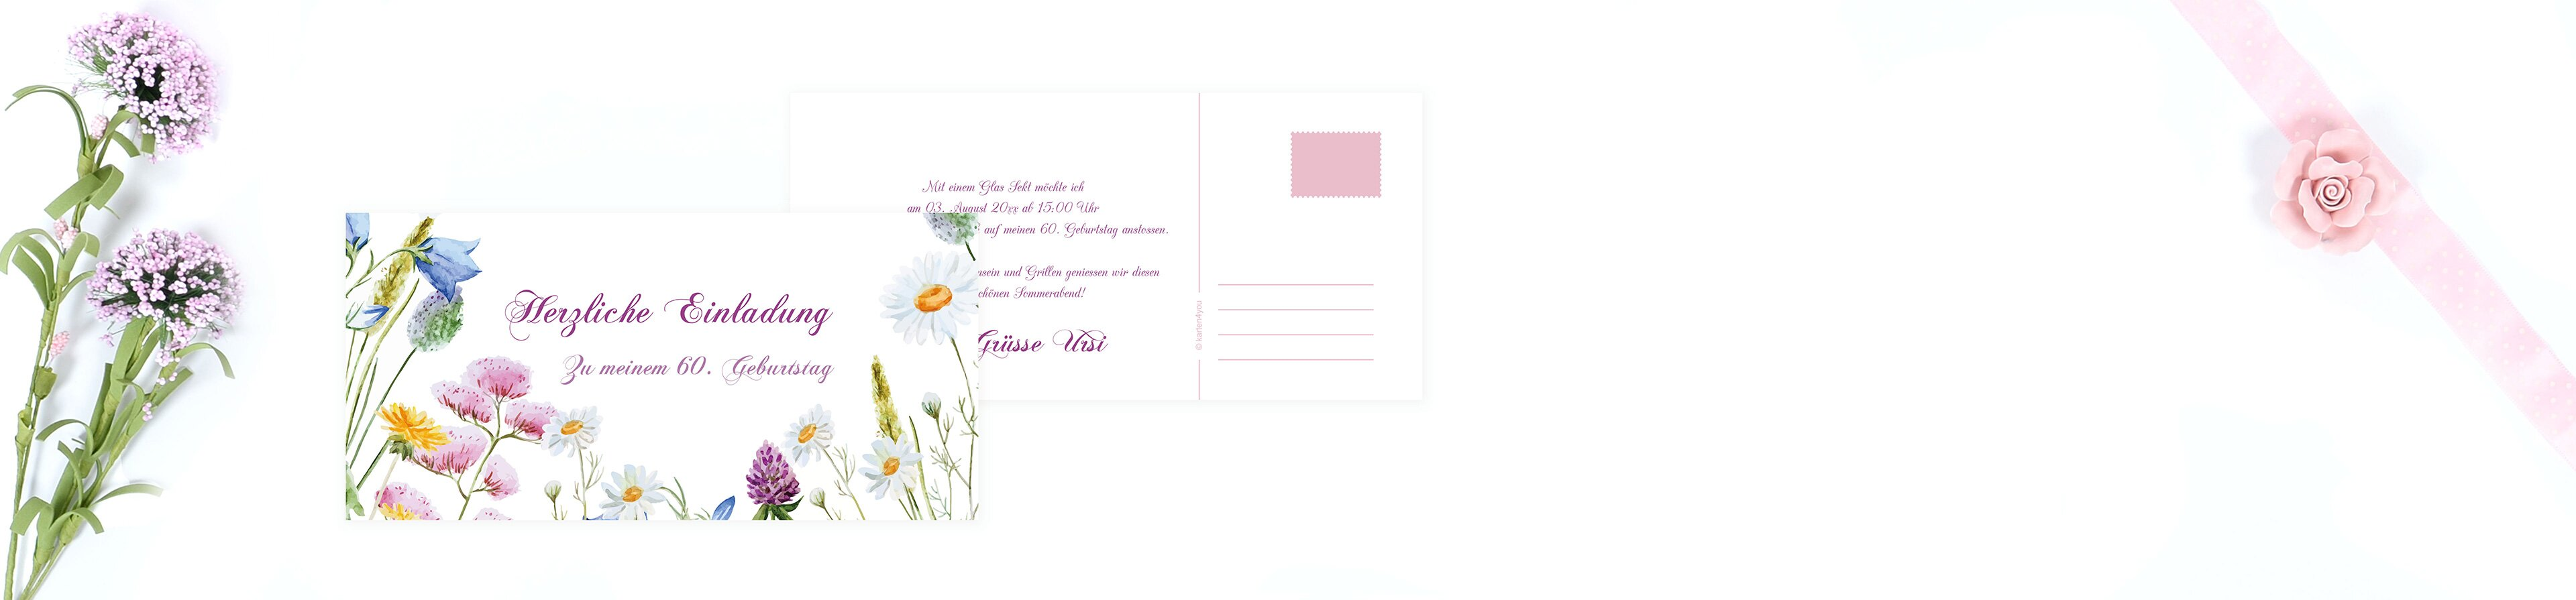 Geburtstagseinladungen Gestalten Auf Www Karten4you Ch